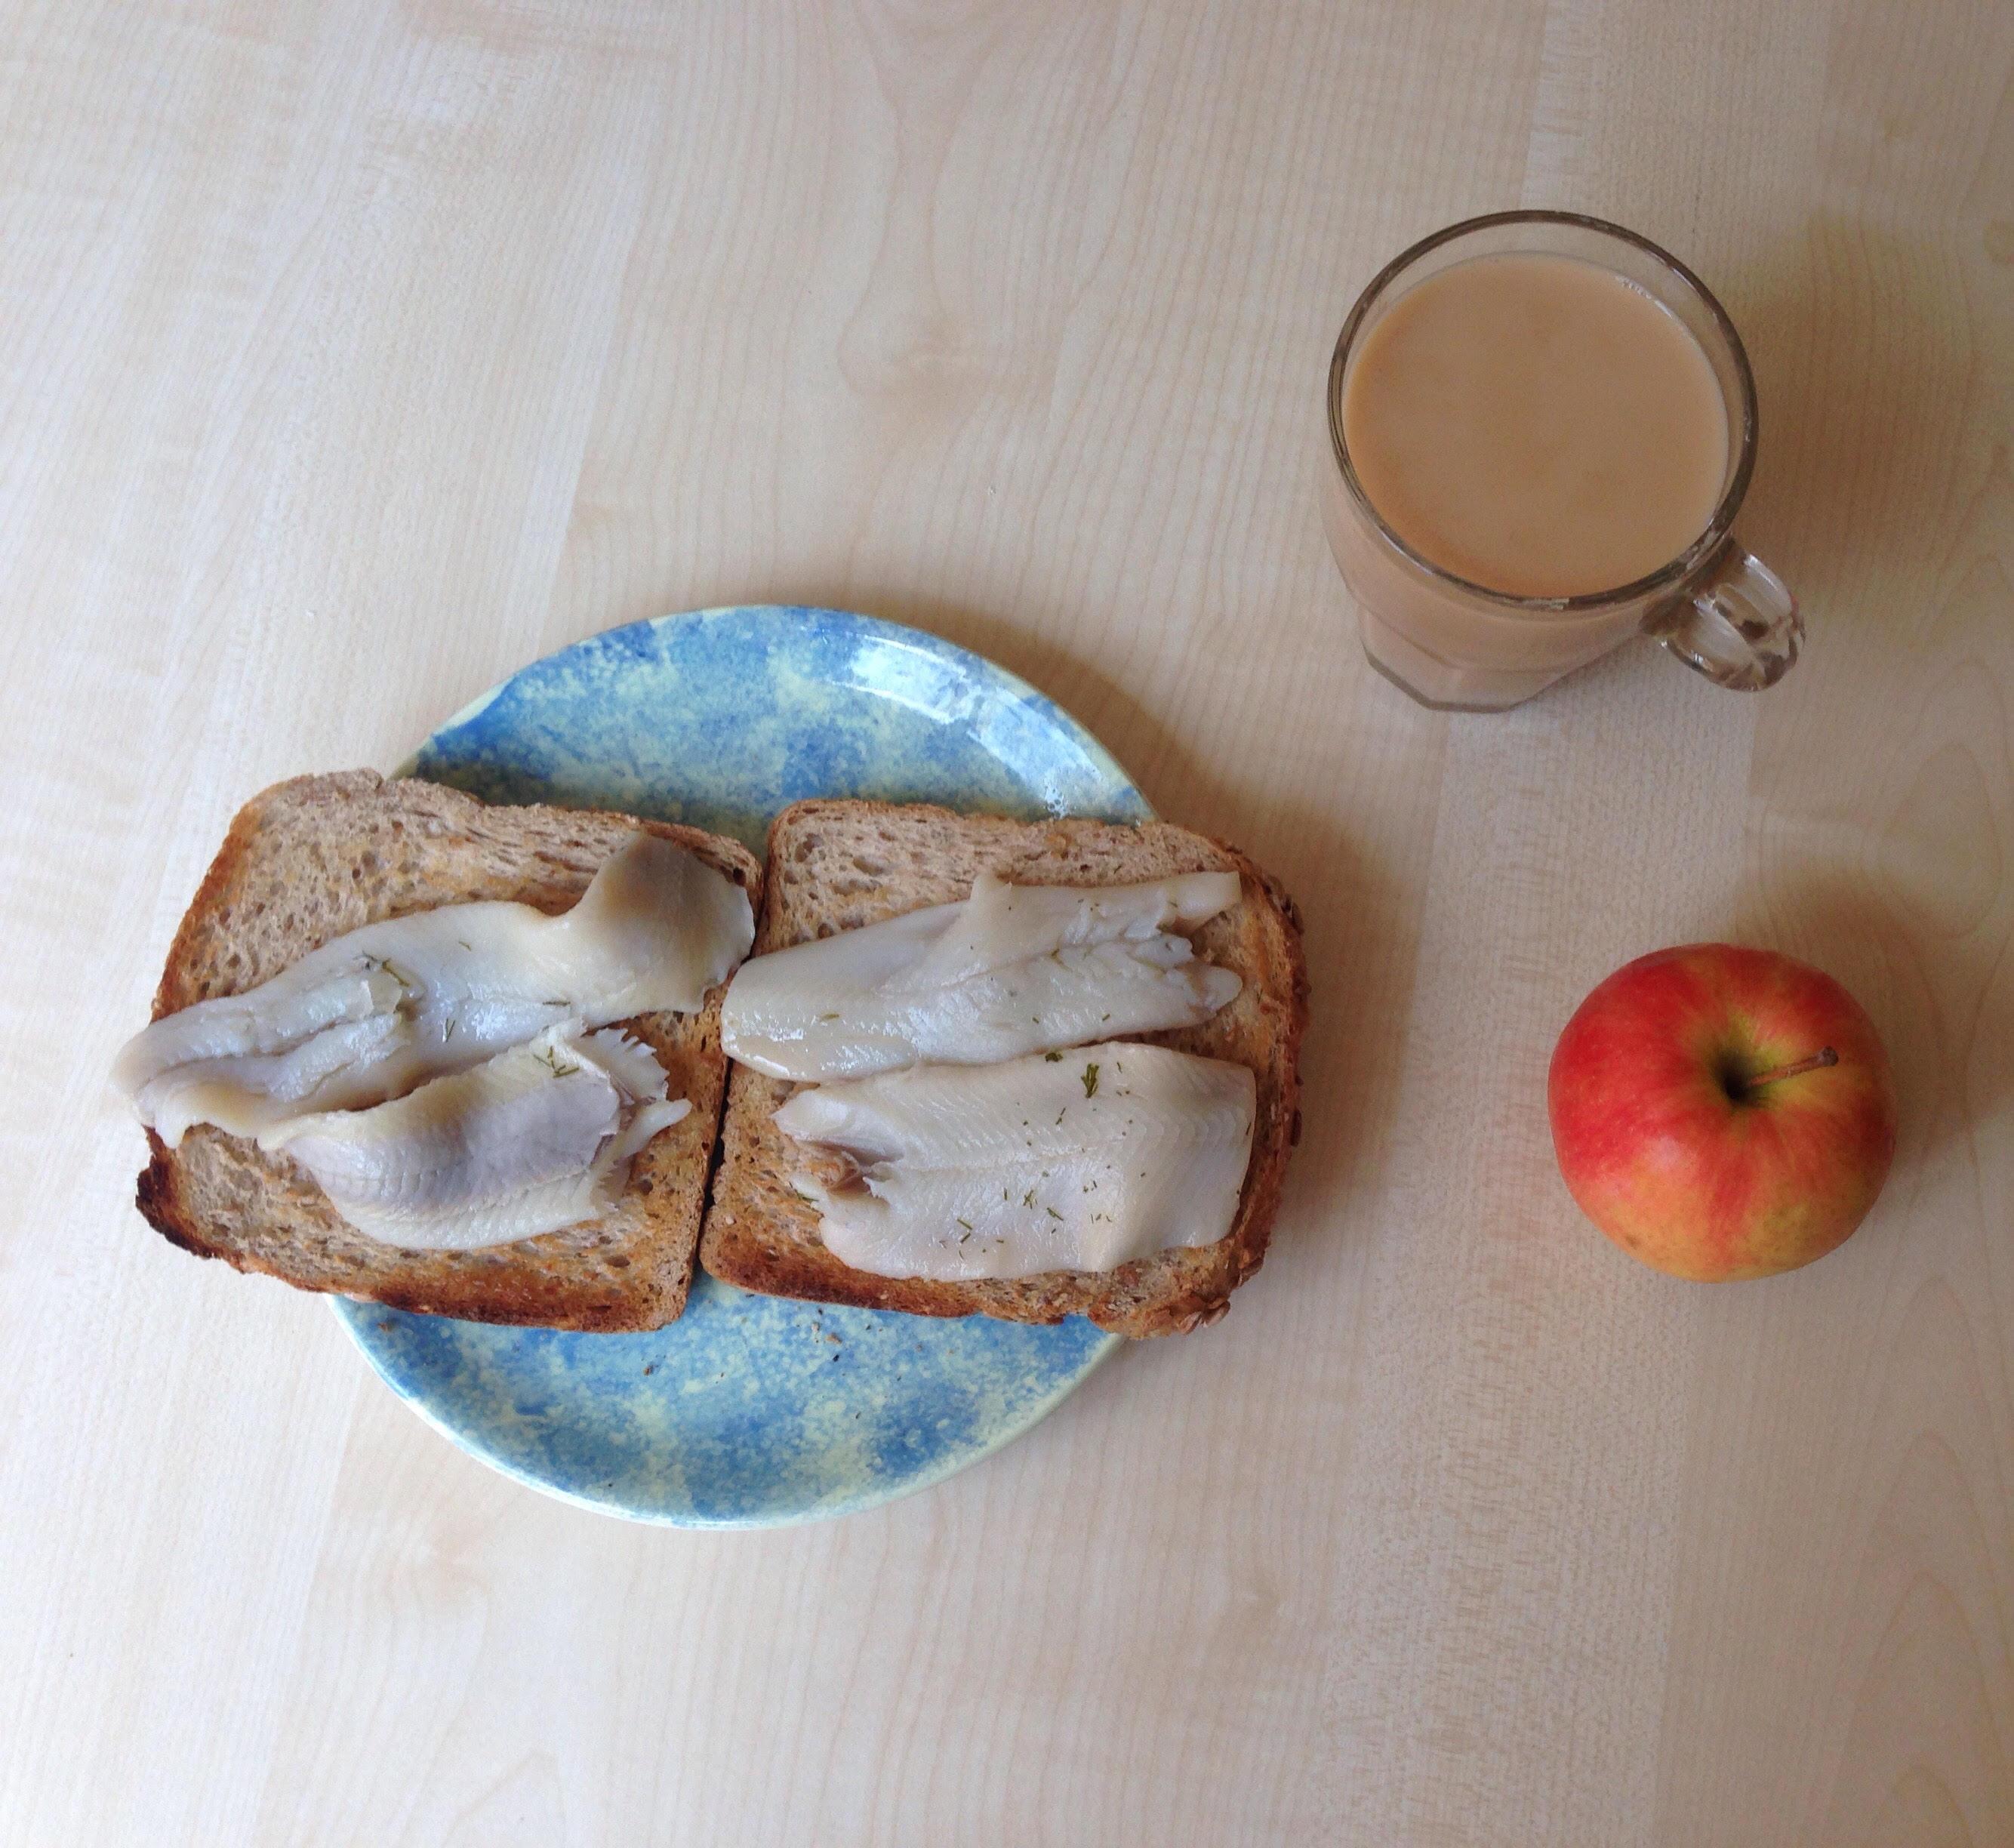 Herring + tea + apple